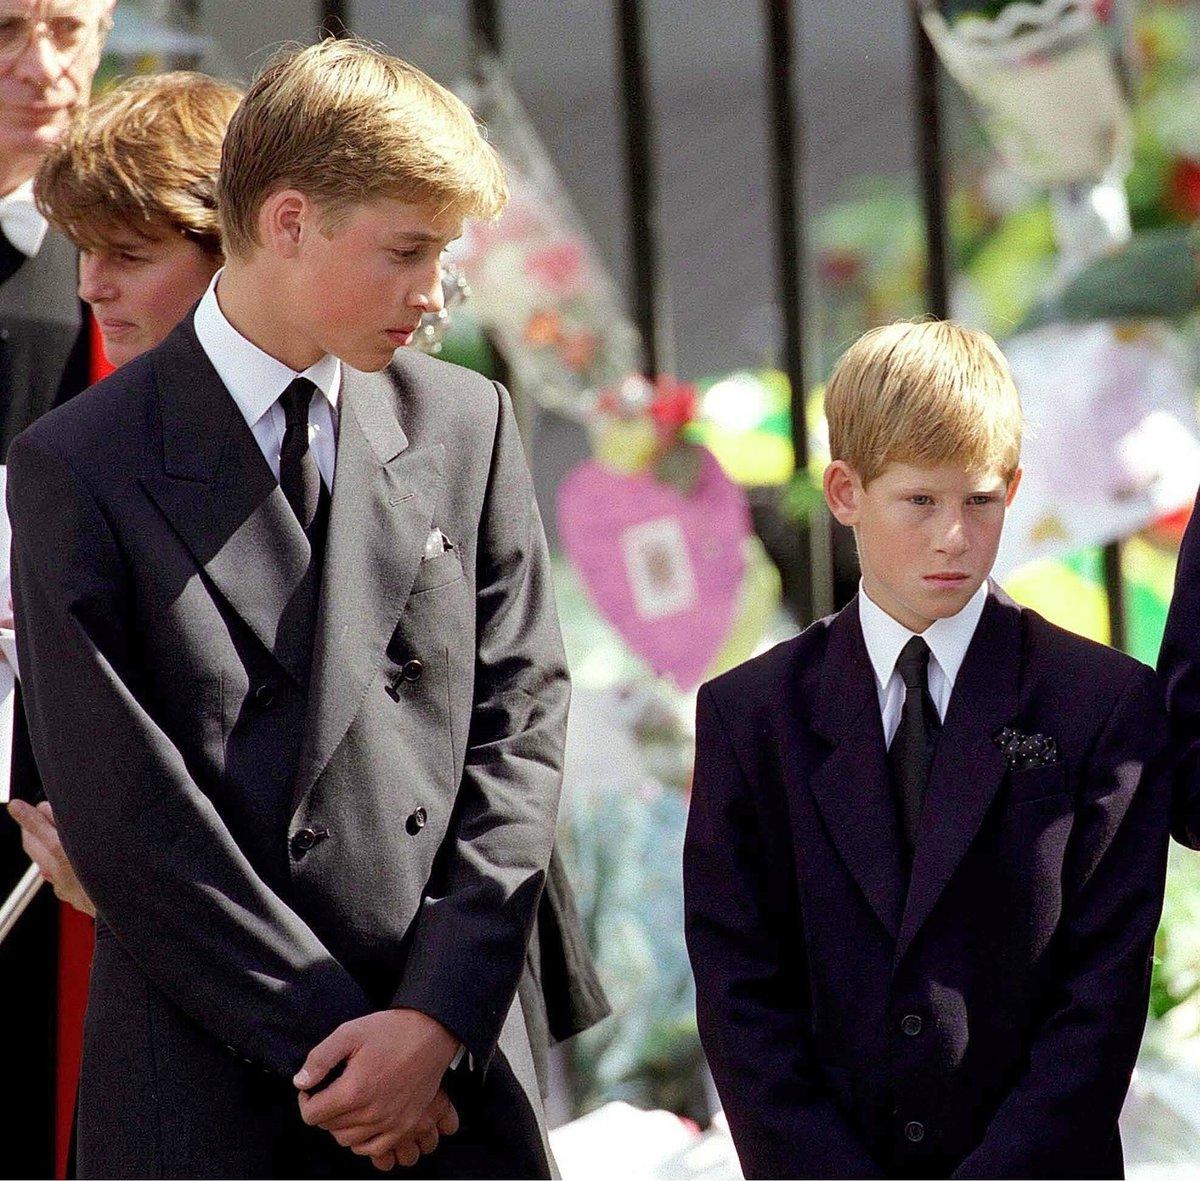 Princové William a Harry na pohřbu své matky, princezny Diany. Zemřela při autonehodě v roce 1997